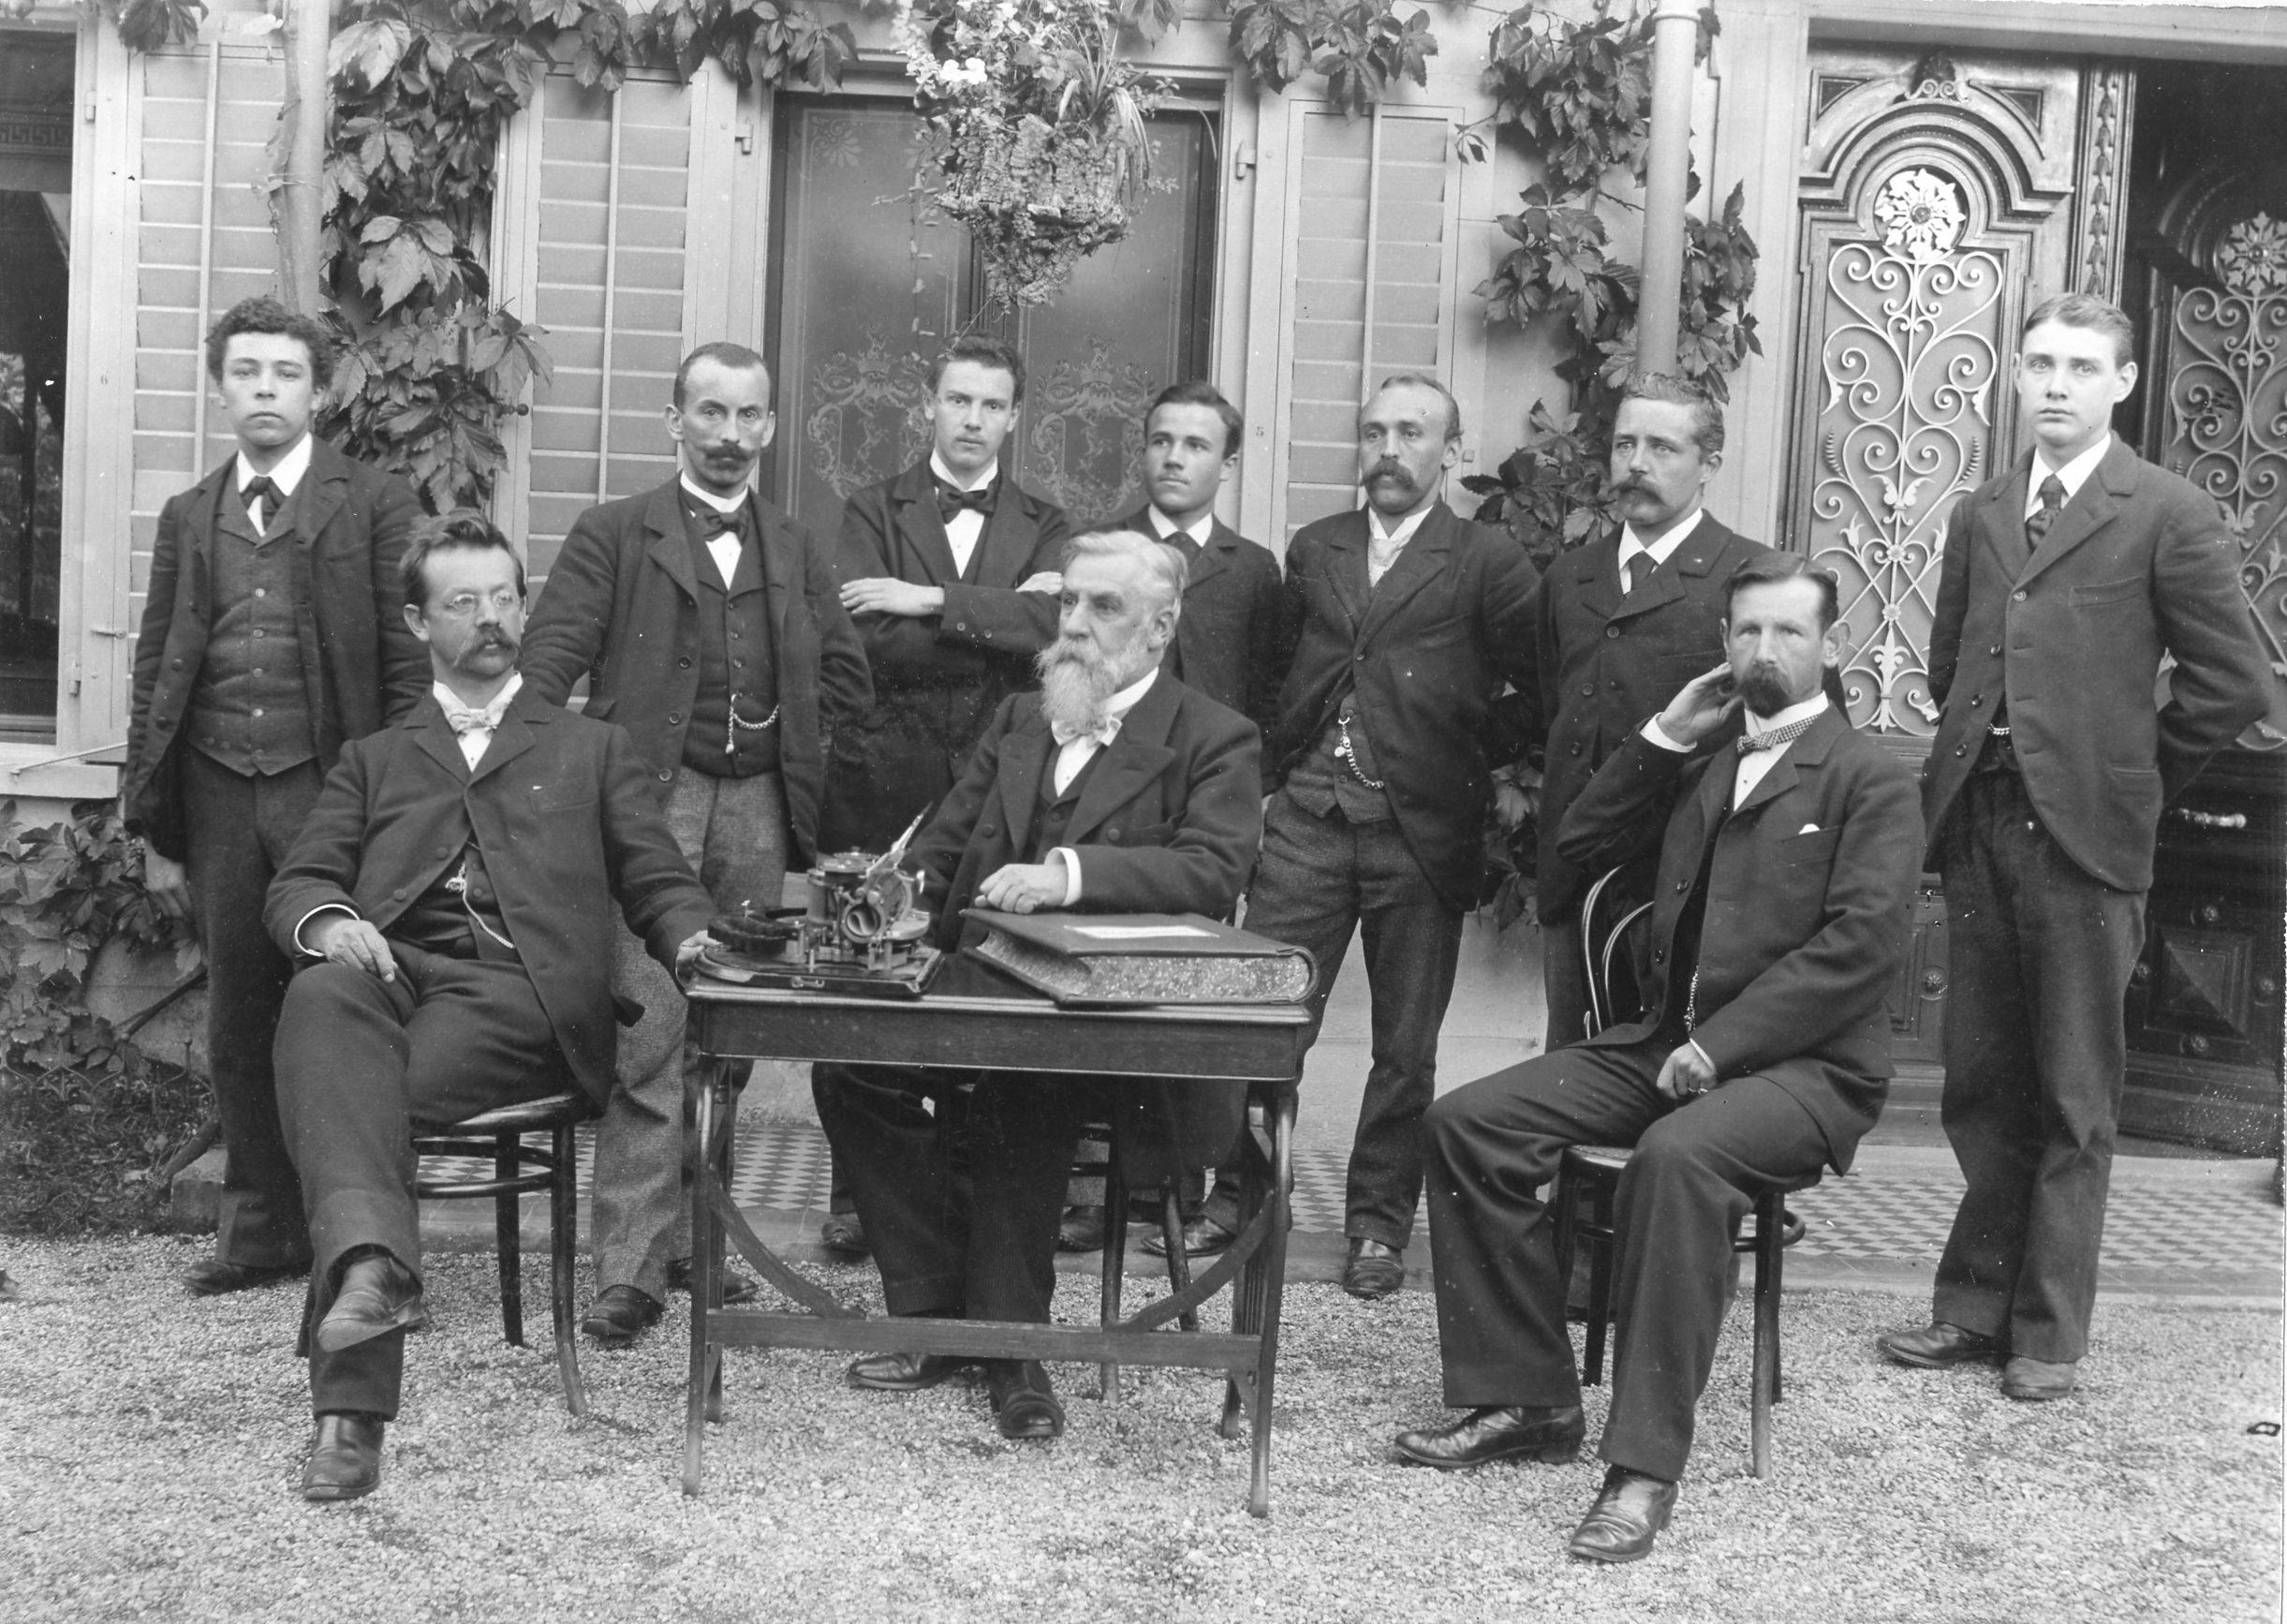 v.l.n.r. Friedrich Wilhelm Schindler, Cosmos Jenny, Hauptmann Dieter Schindler (sitzend) mit Prokuristen